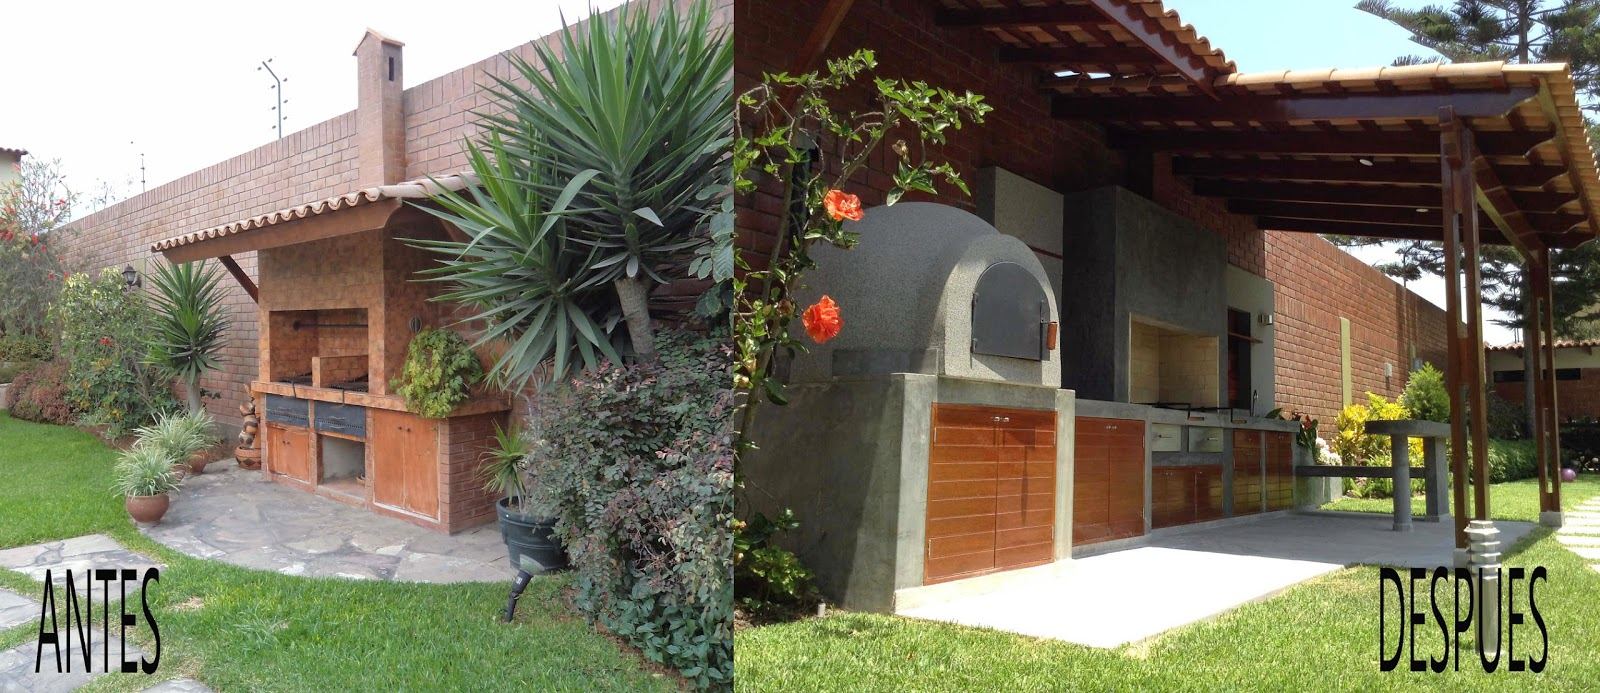 Oniria antes y despu s parrilla remodelada for Parrilla casa de coco